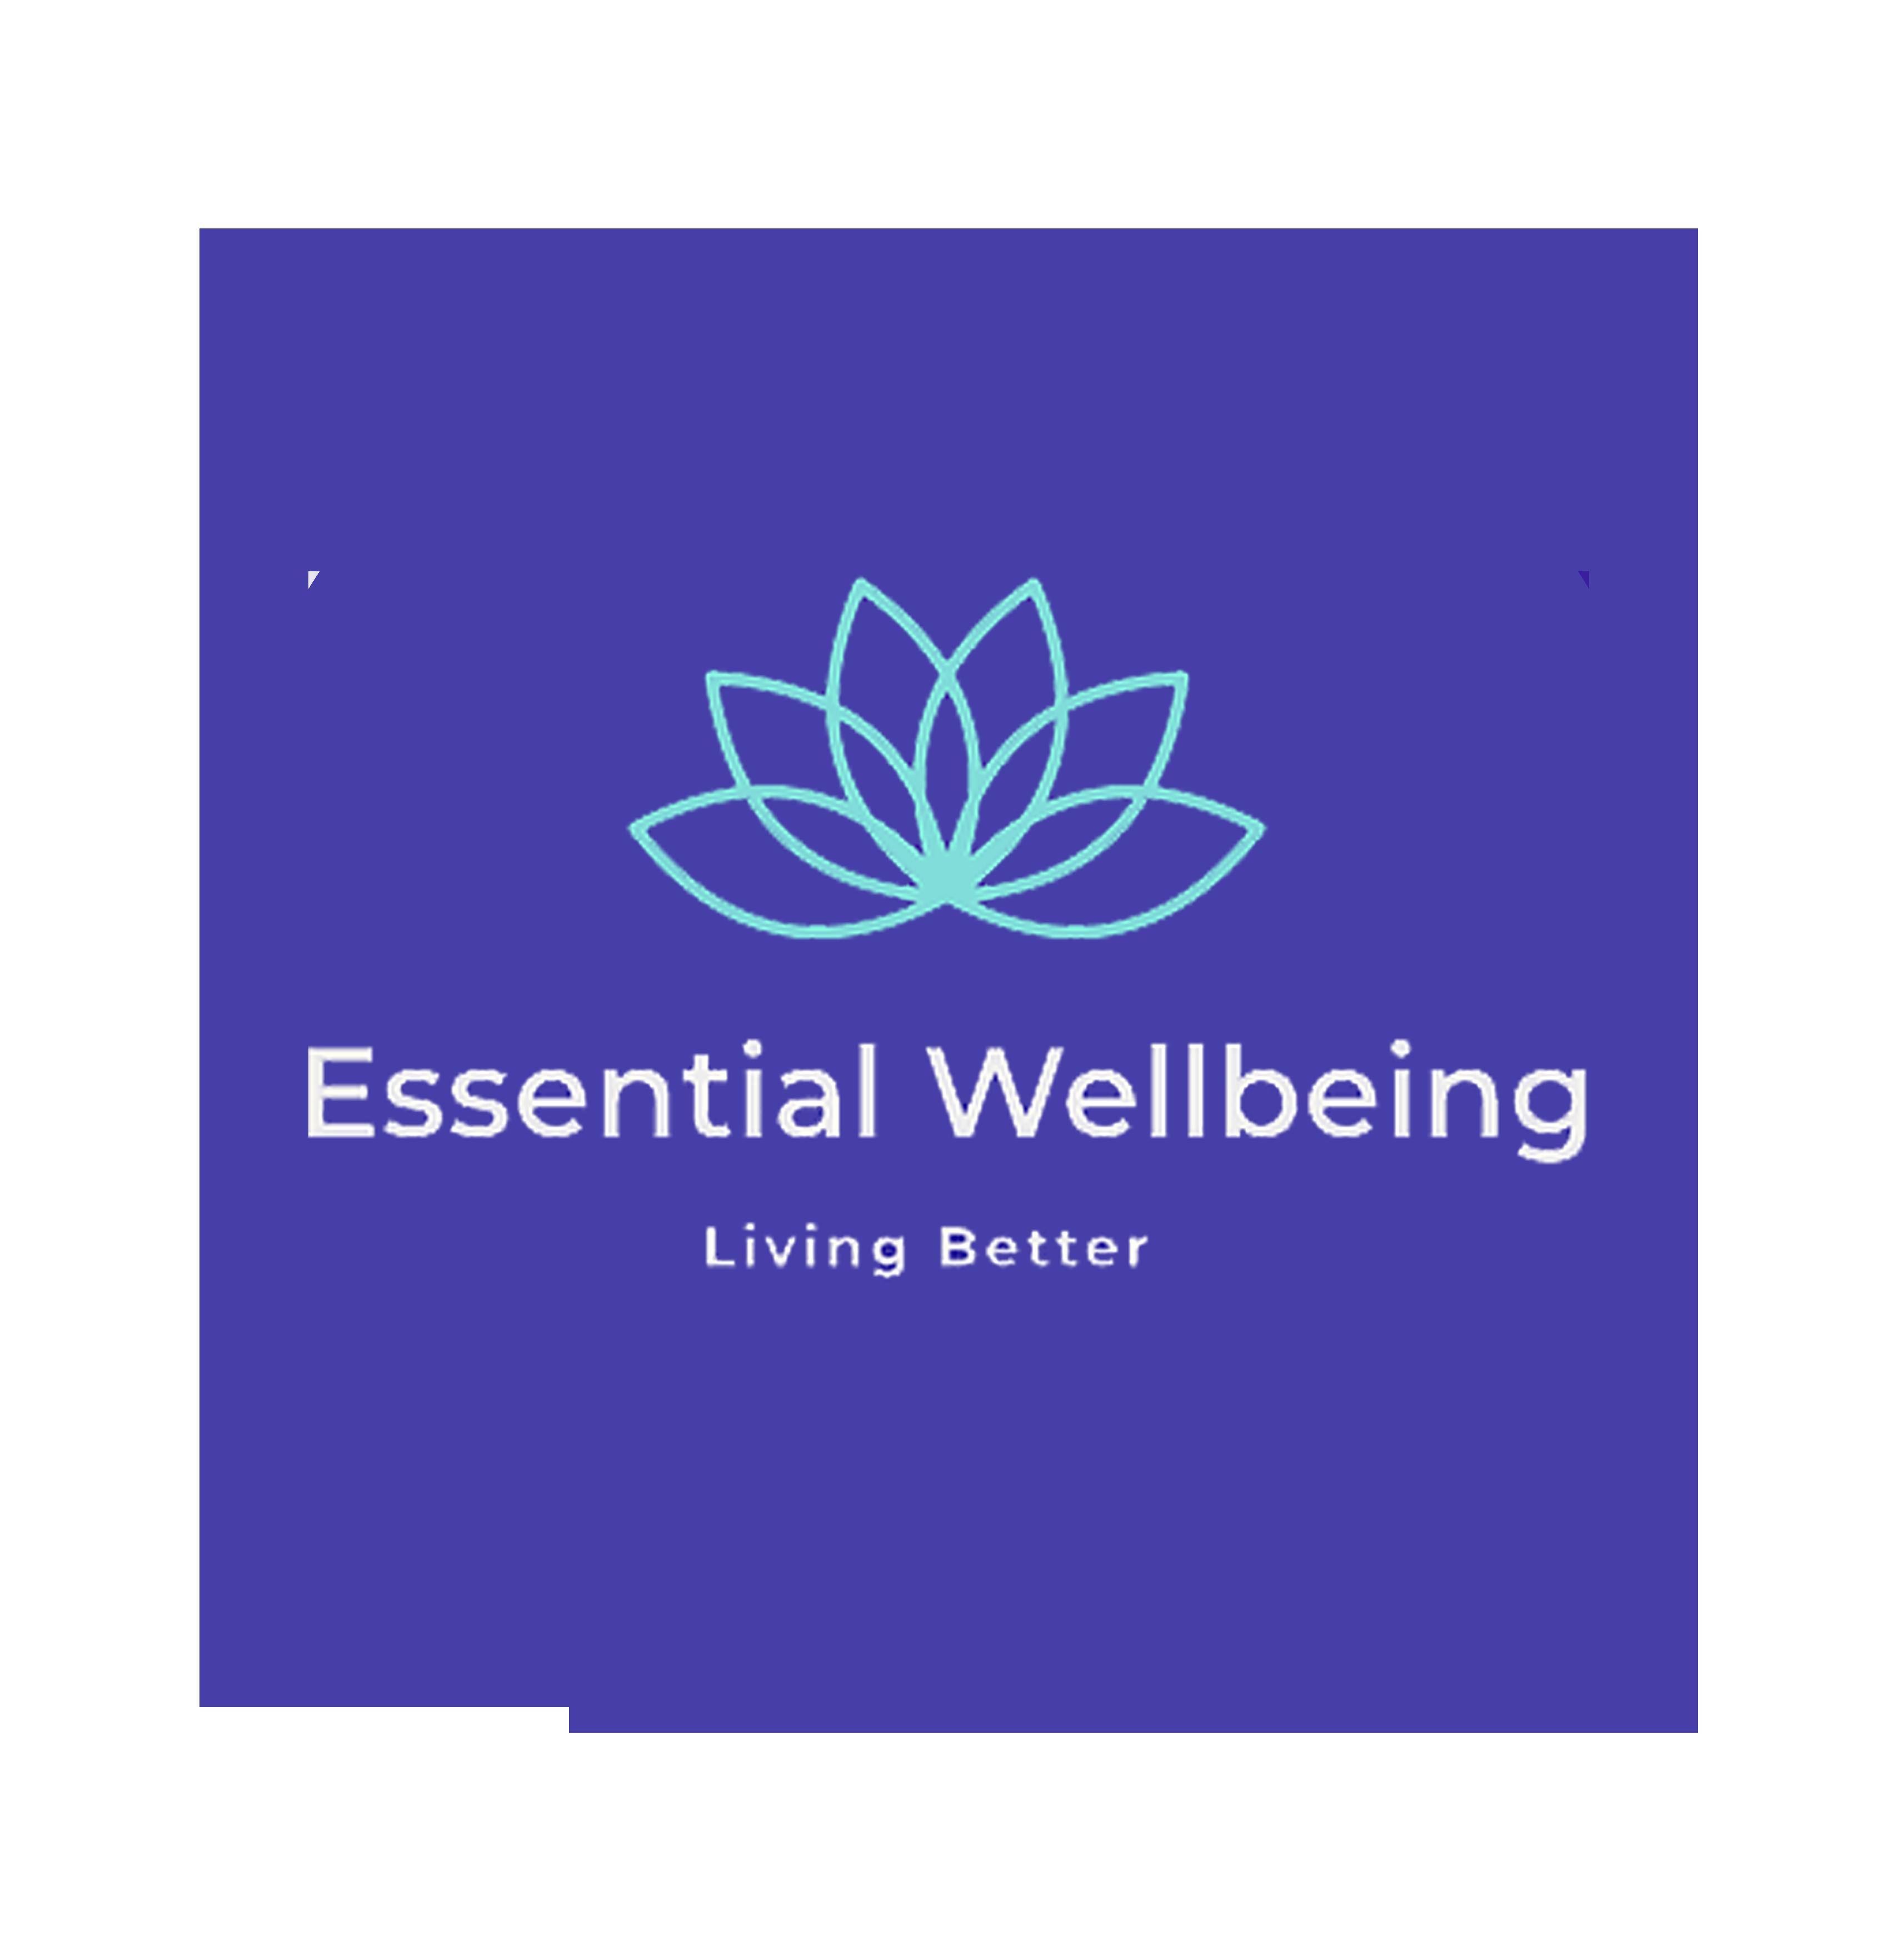 Essential Wellbeing NI logo, ewel.online, Maike Dring